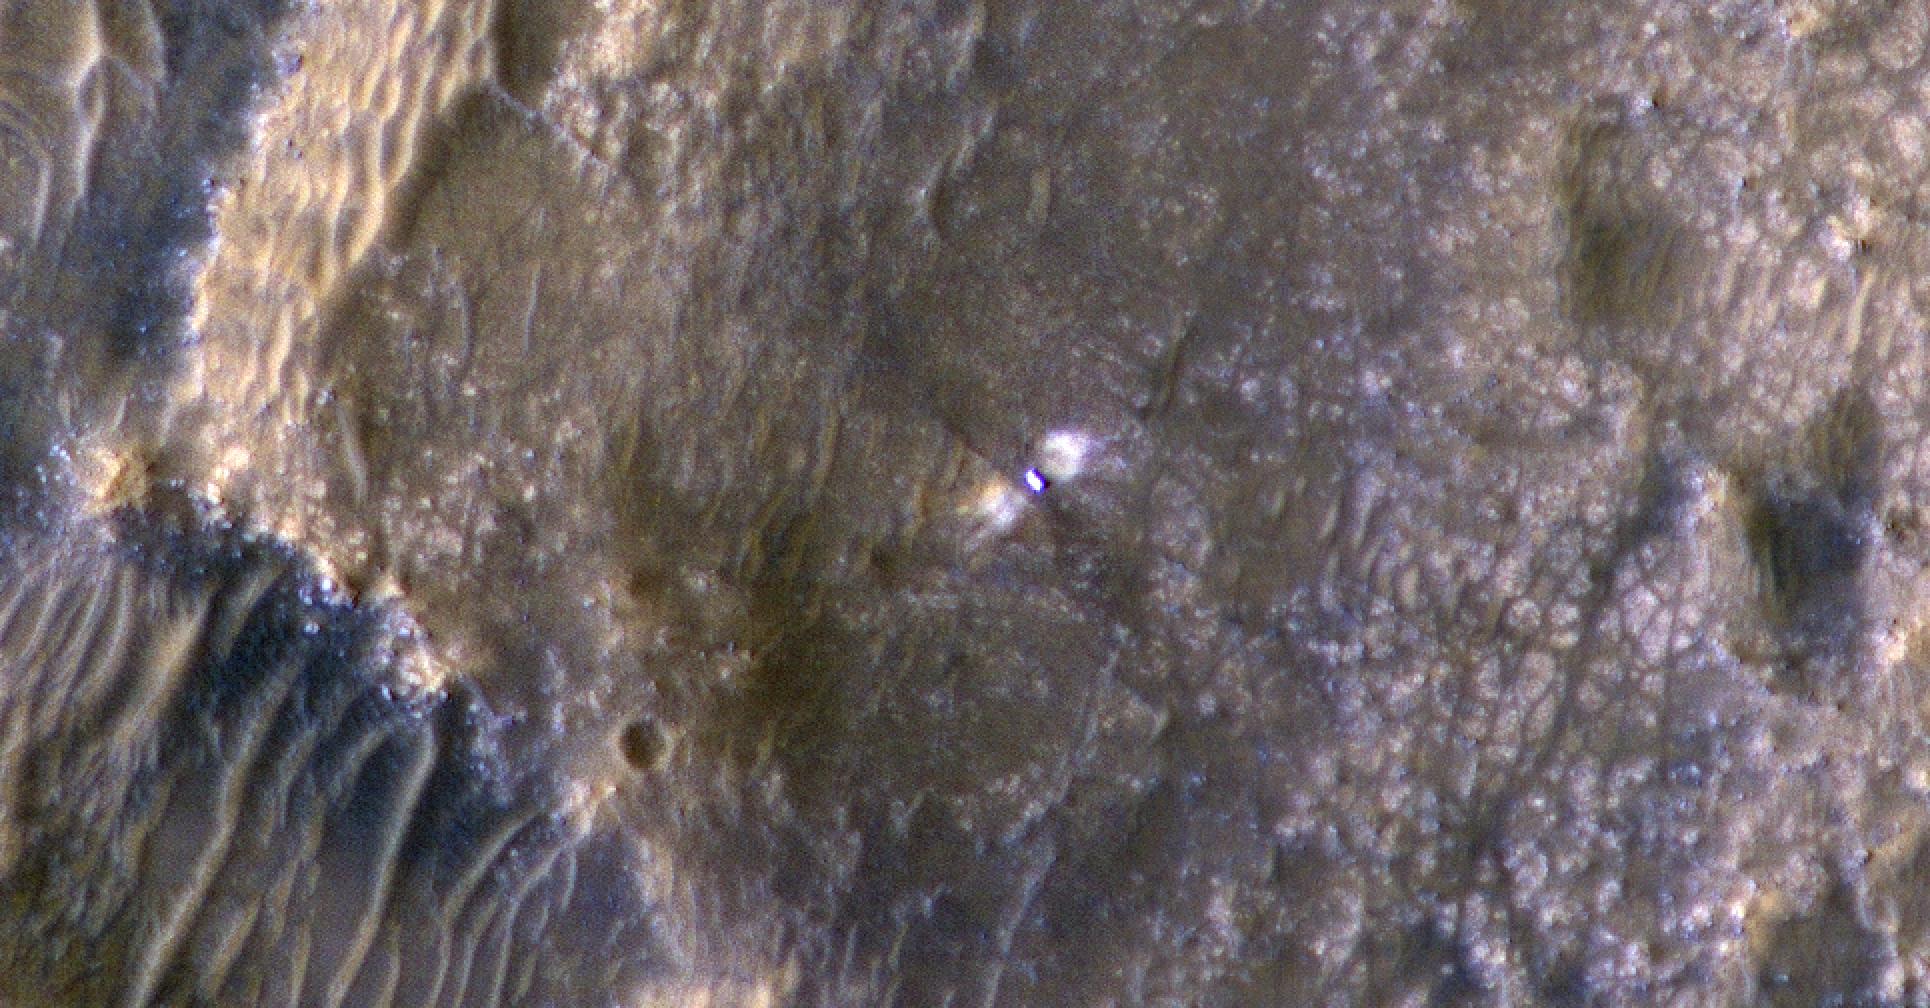 Марсоход Curiosity с ветхими колесами лезет на скалу в кратере Гейл – фото с орбиты